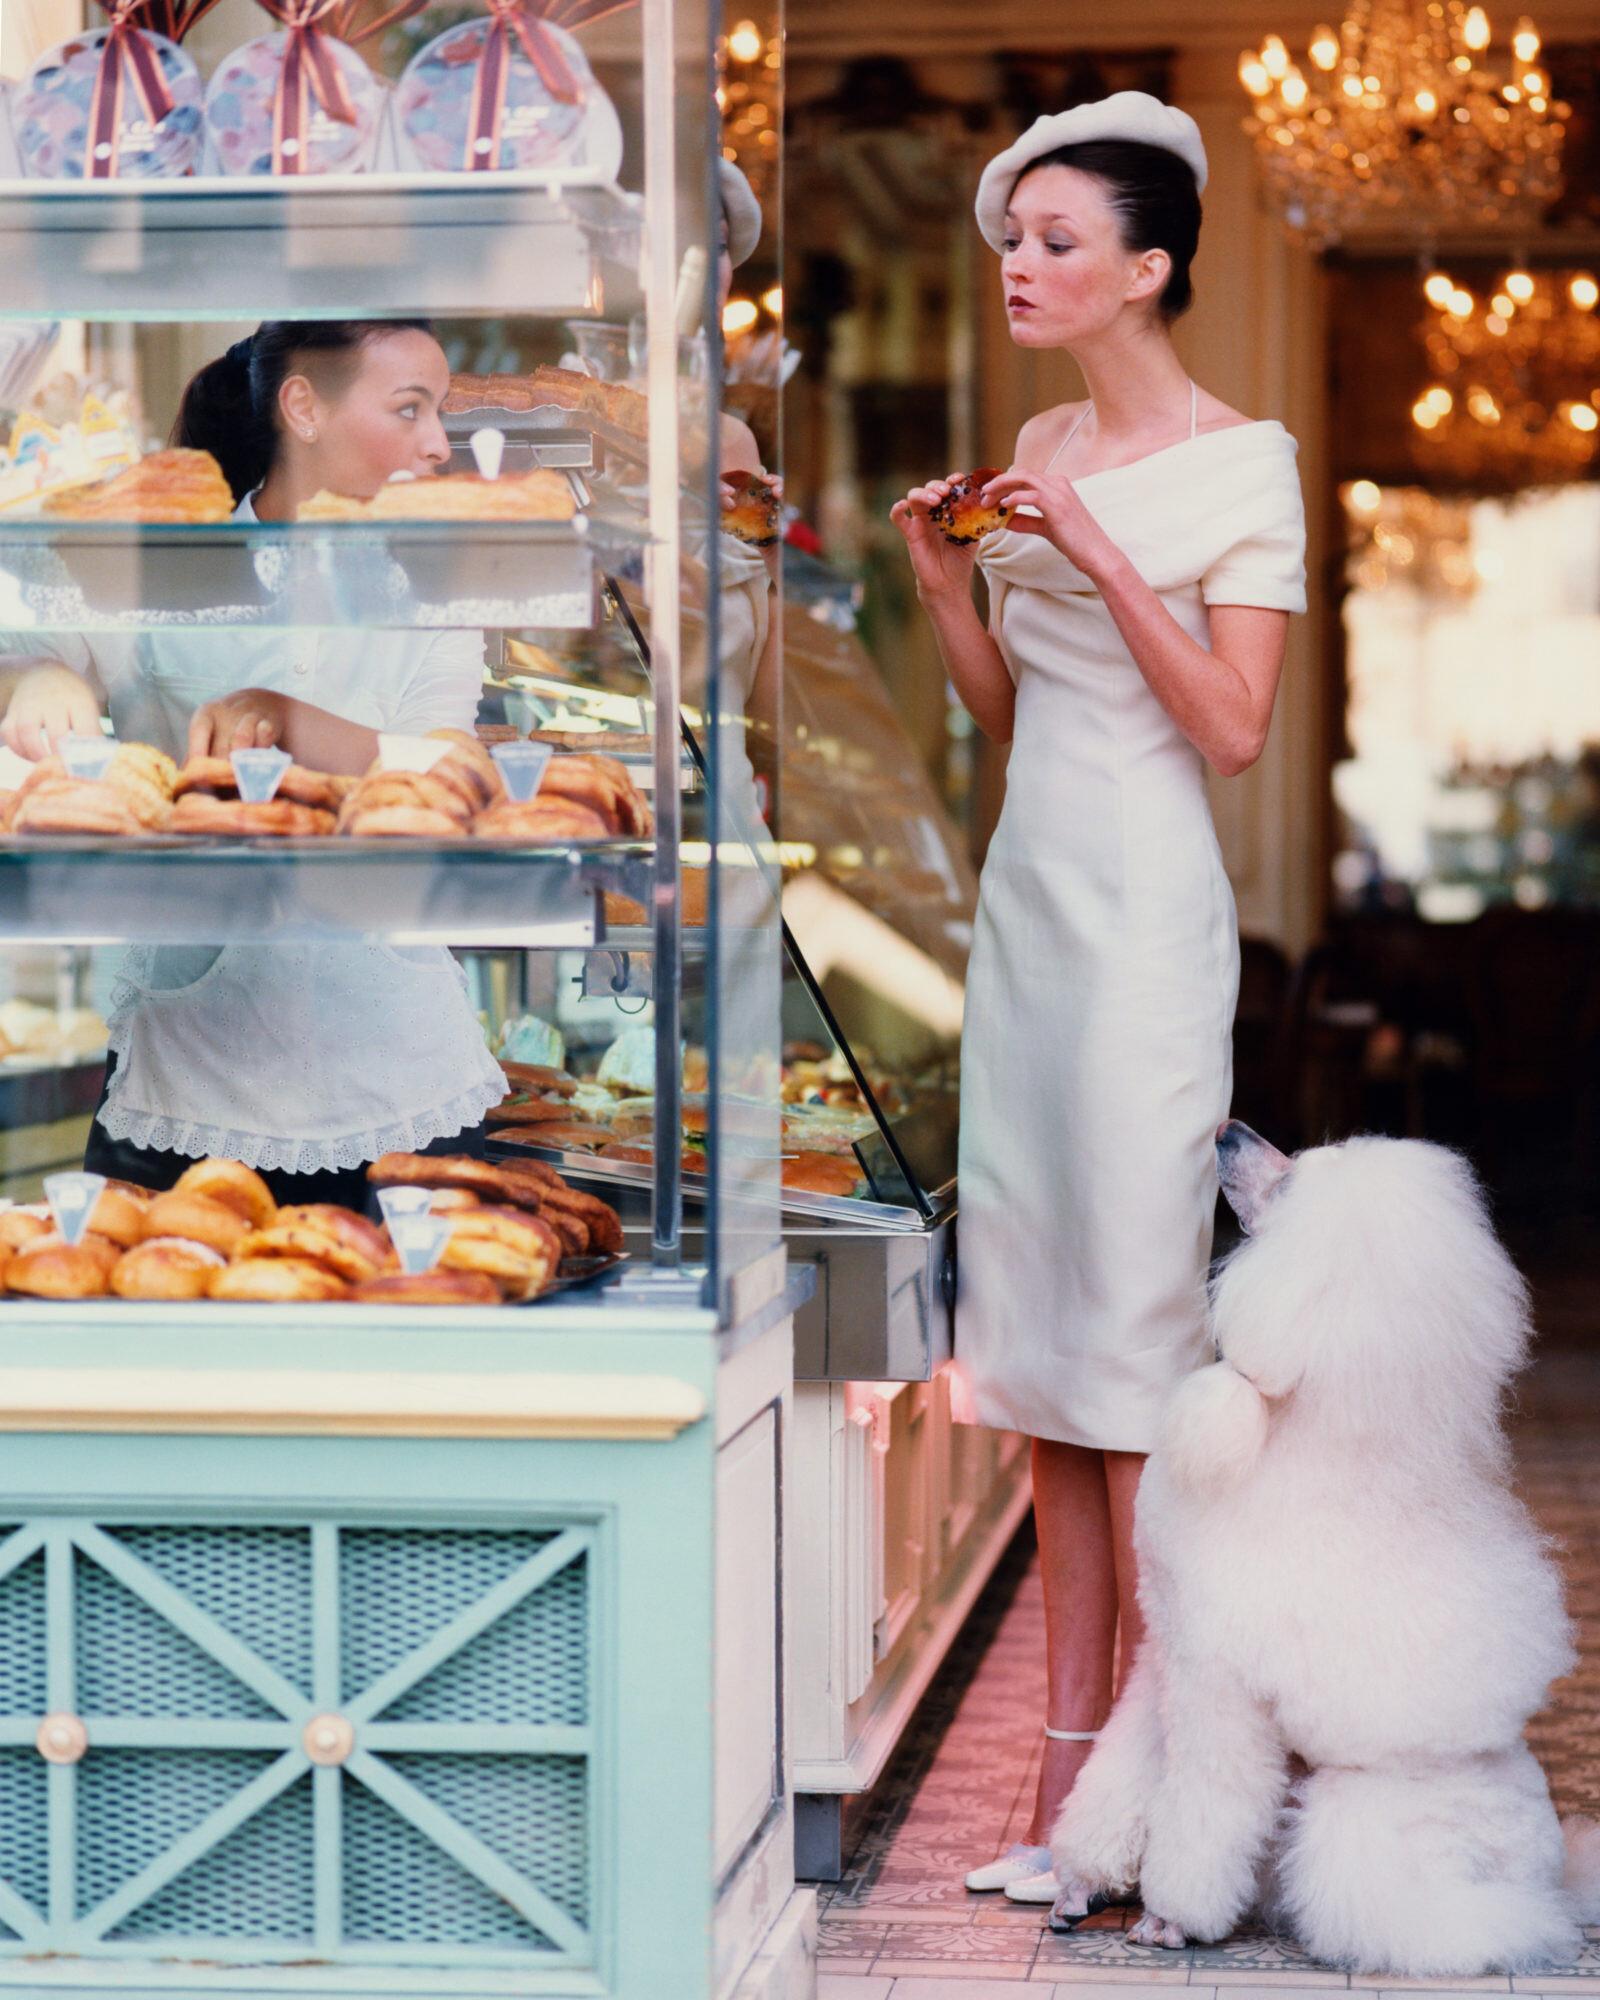 Одри Марней в Париже, Vogue, 1999. Фотограф Артур Элгорт